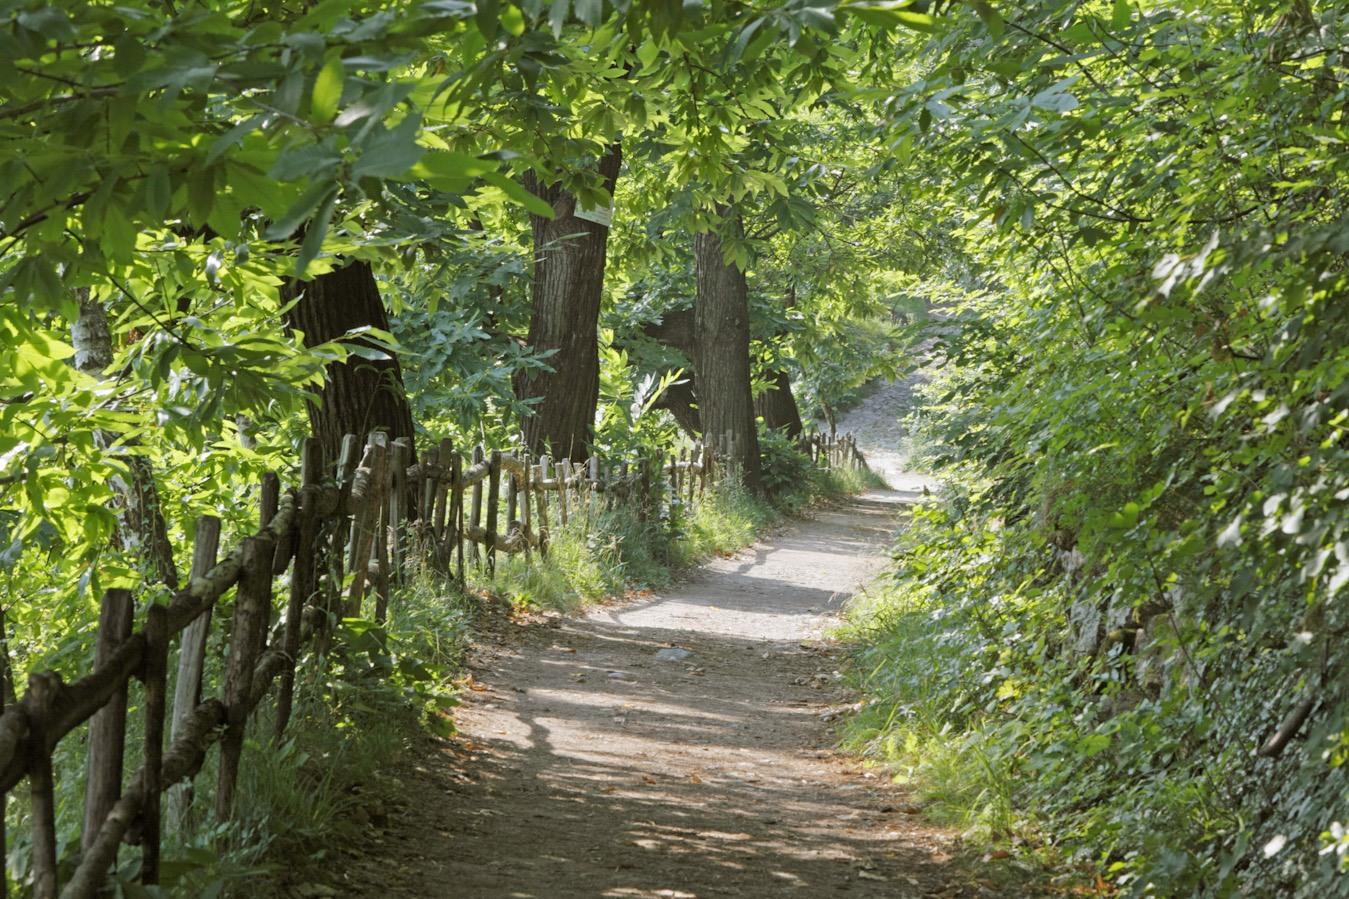 Lana e dintorni Waalwege sentiero ©MG Turismo ecosostenibile a Lana e dintorni, dove la natura è un'opera d'arte.